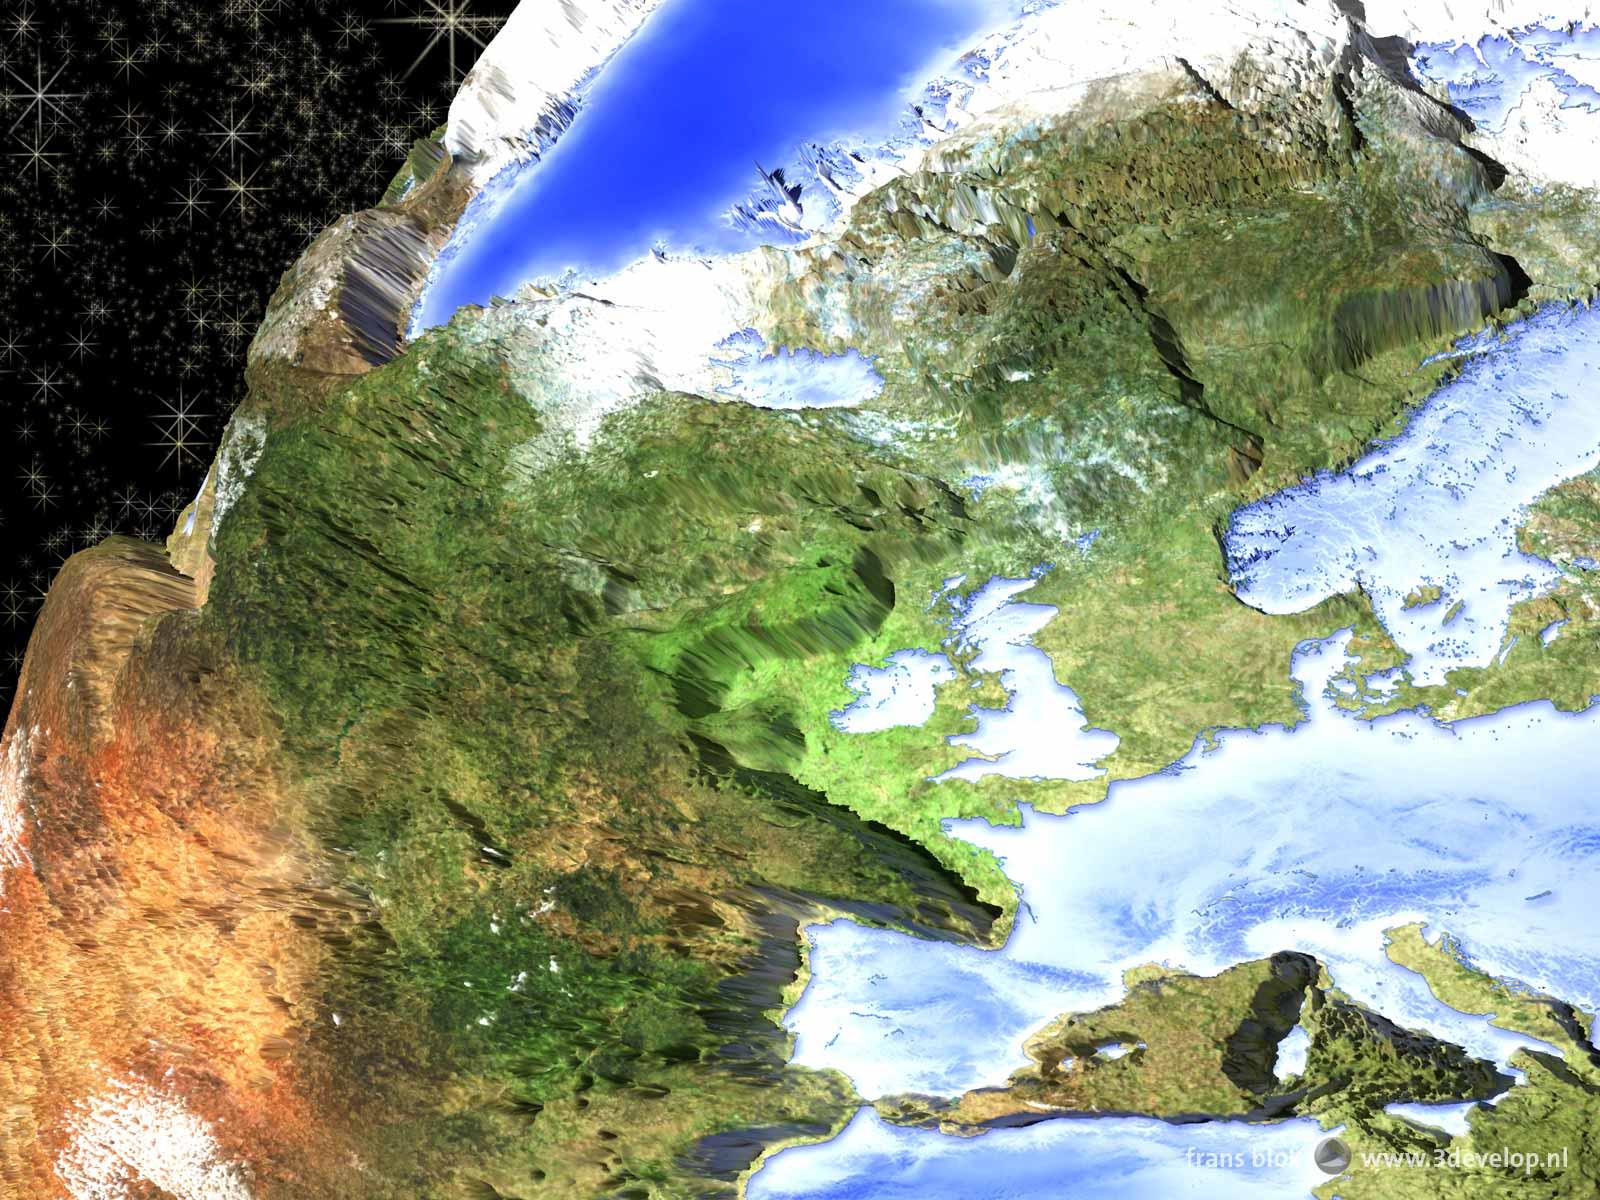 Een detail van de cartoonversie van de omgekeerde wereld, een fantasieplaneet waar continenten oceanen zijn en andersom.